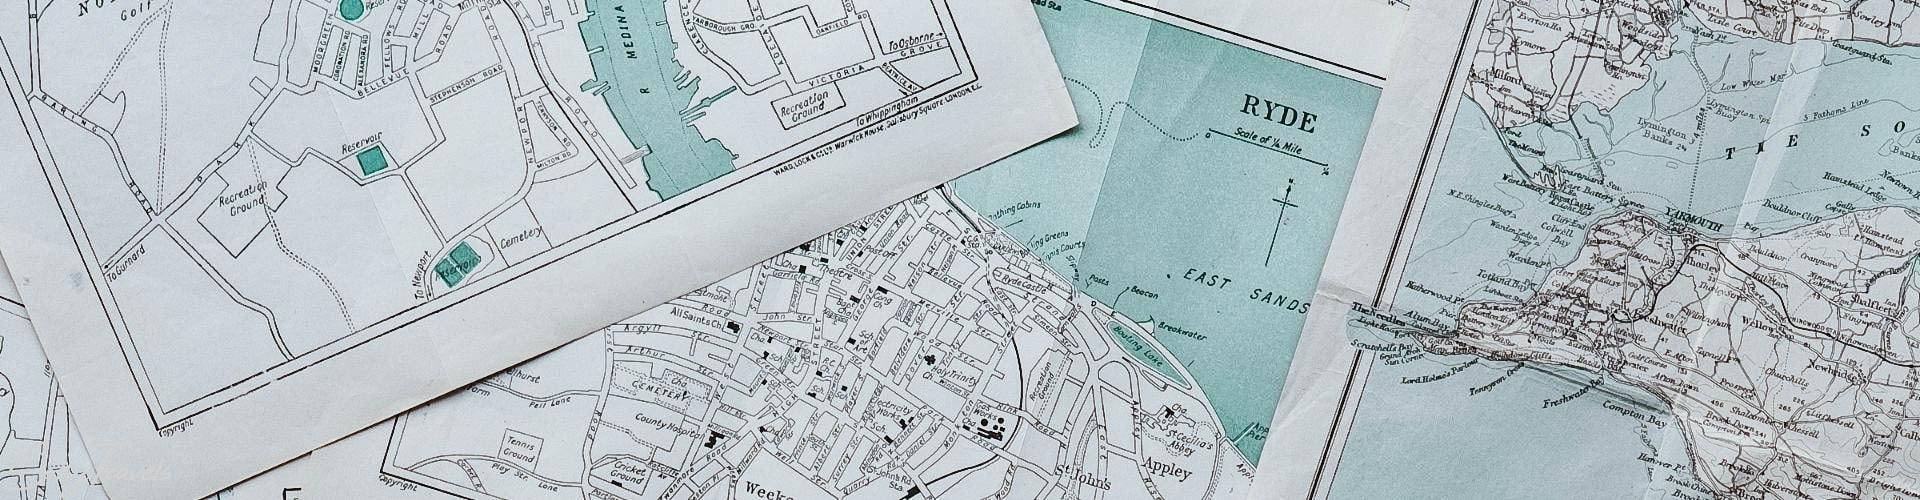 Mapy podróżnicze SaltyTravels